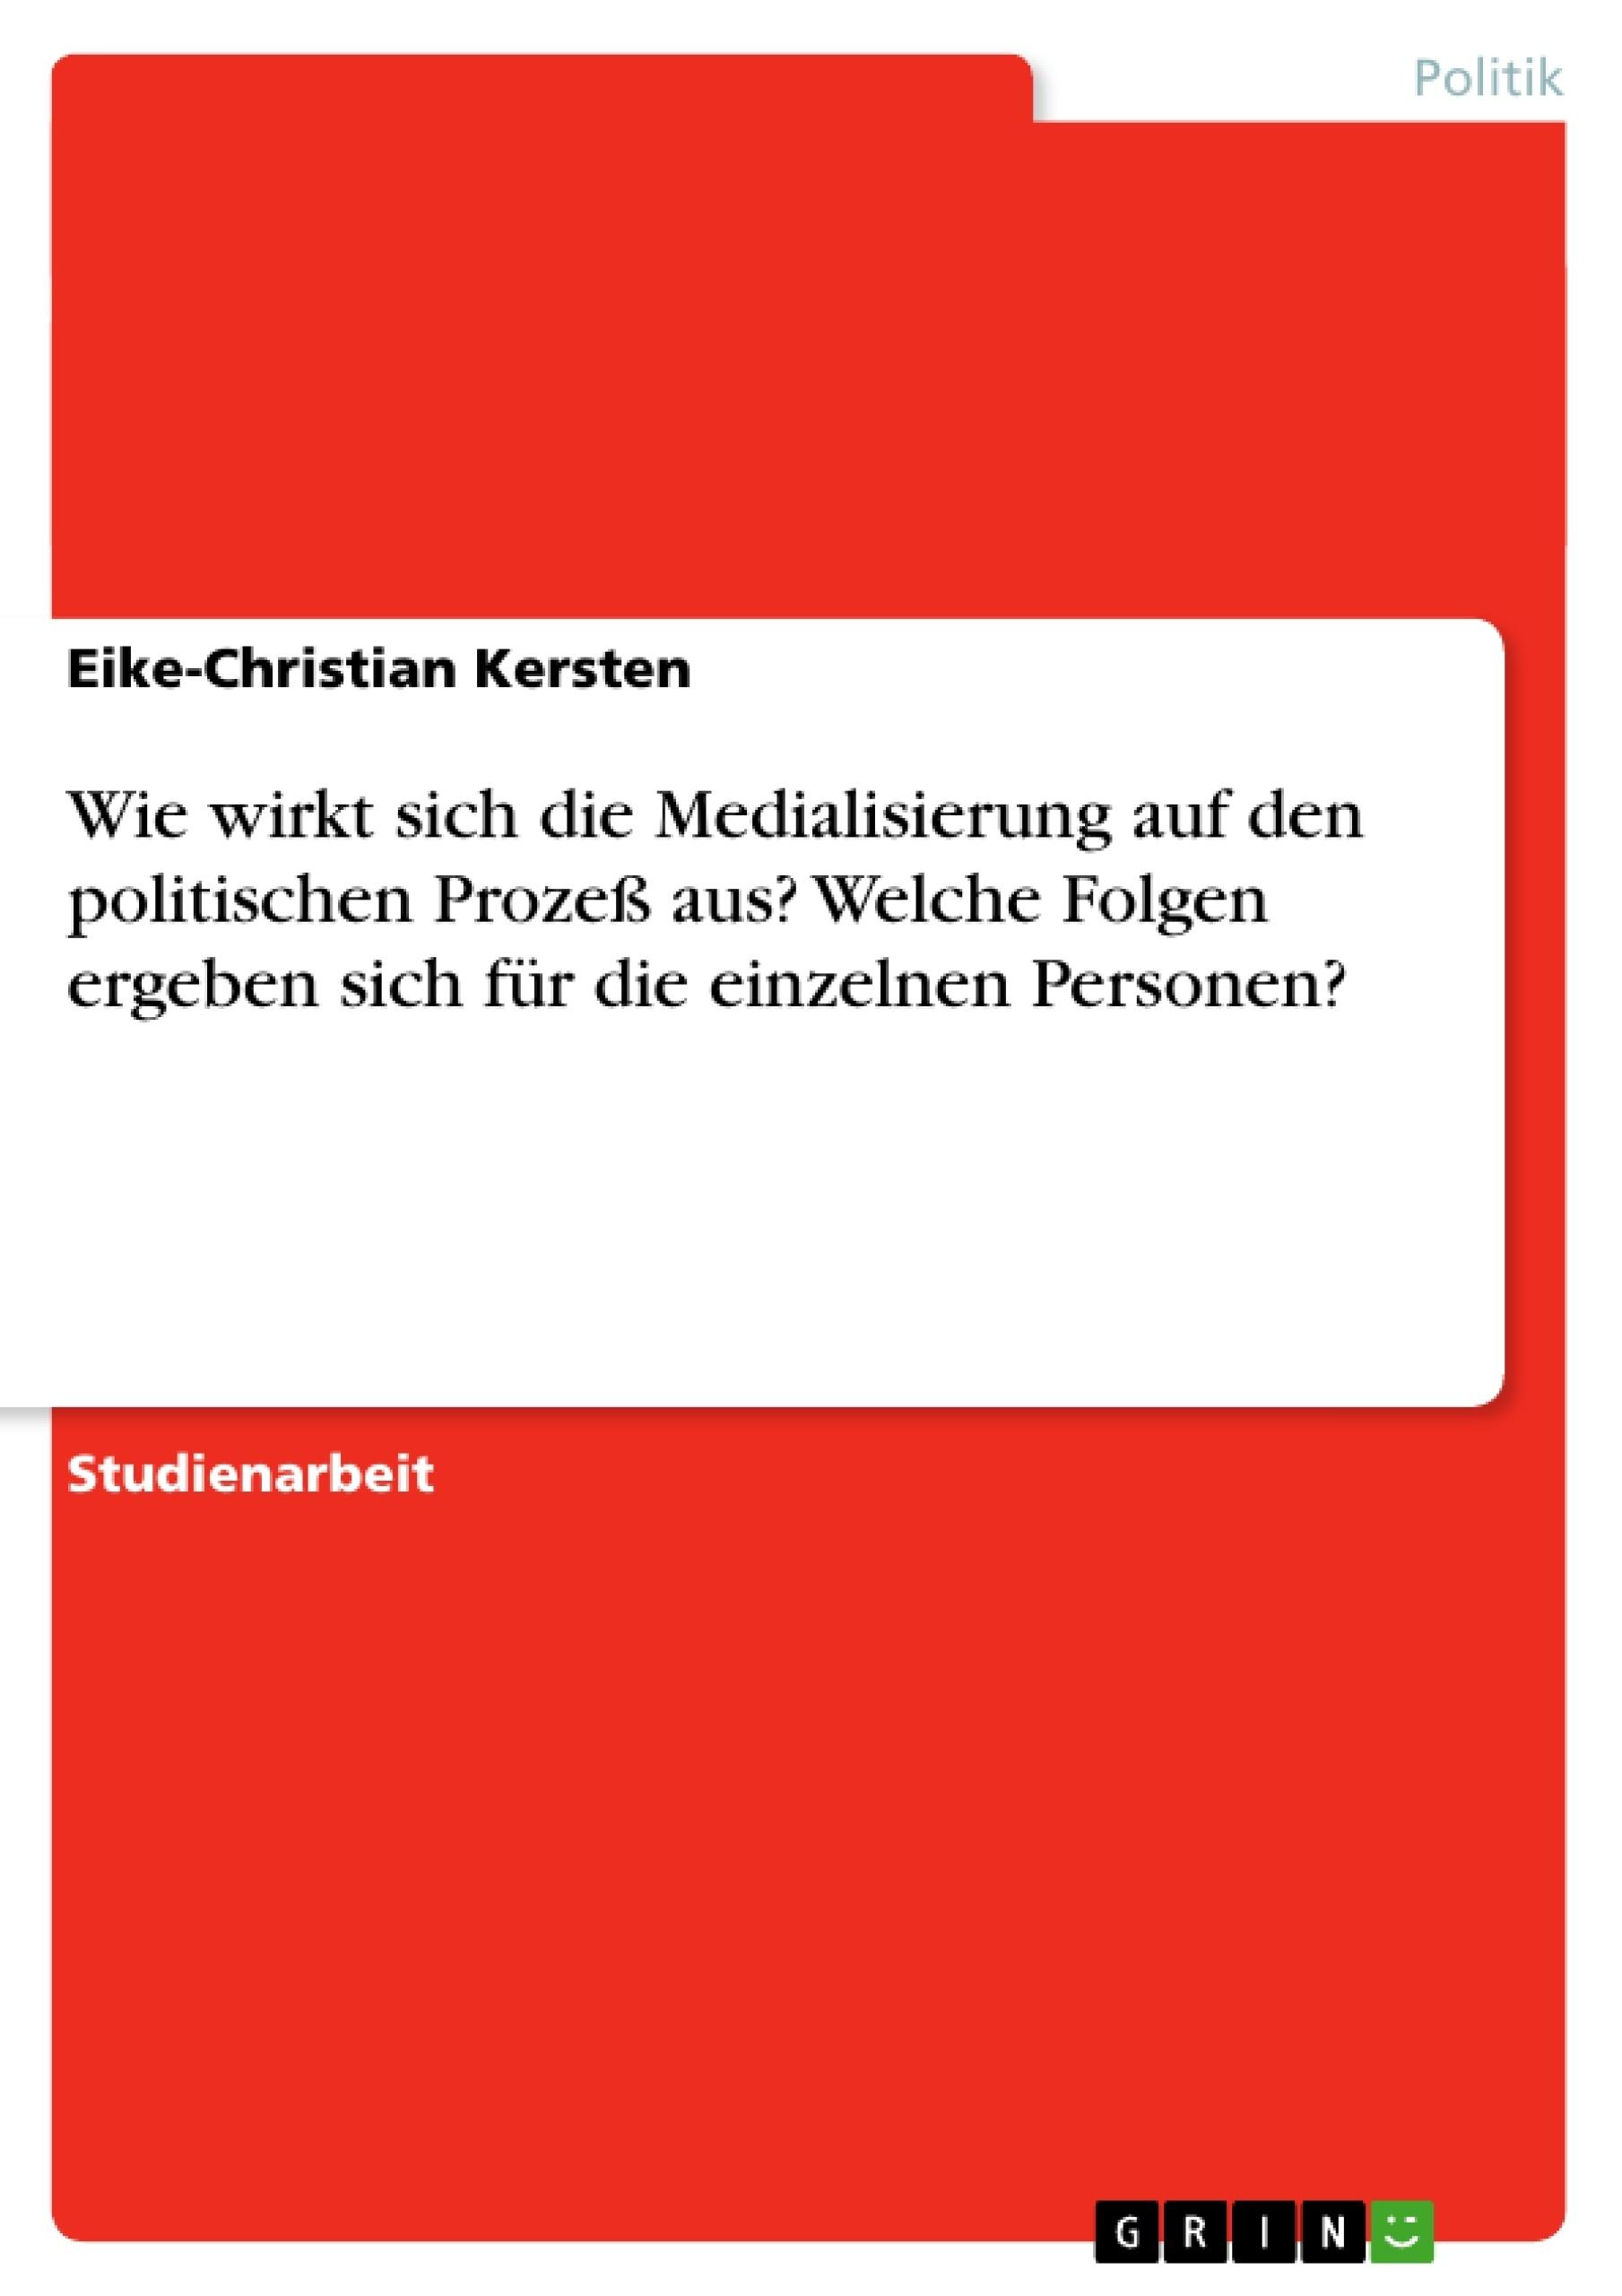 Titel: Wie wirkt sich die Medialisierung auf den politischen Prozeß aus? Welche Folgen ergeben sich für die einzelnen Personen?